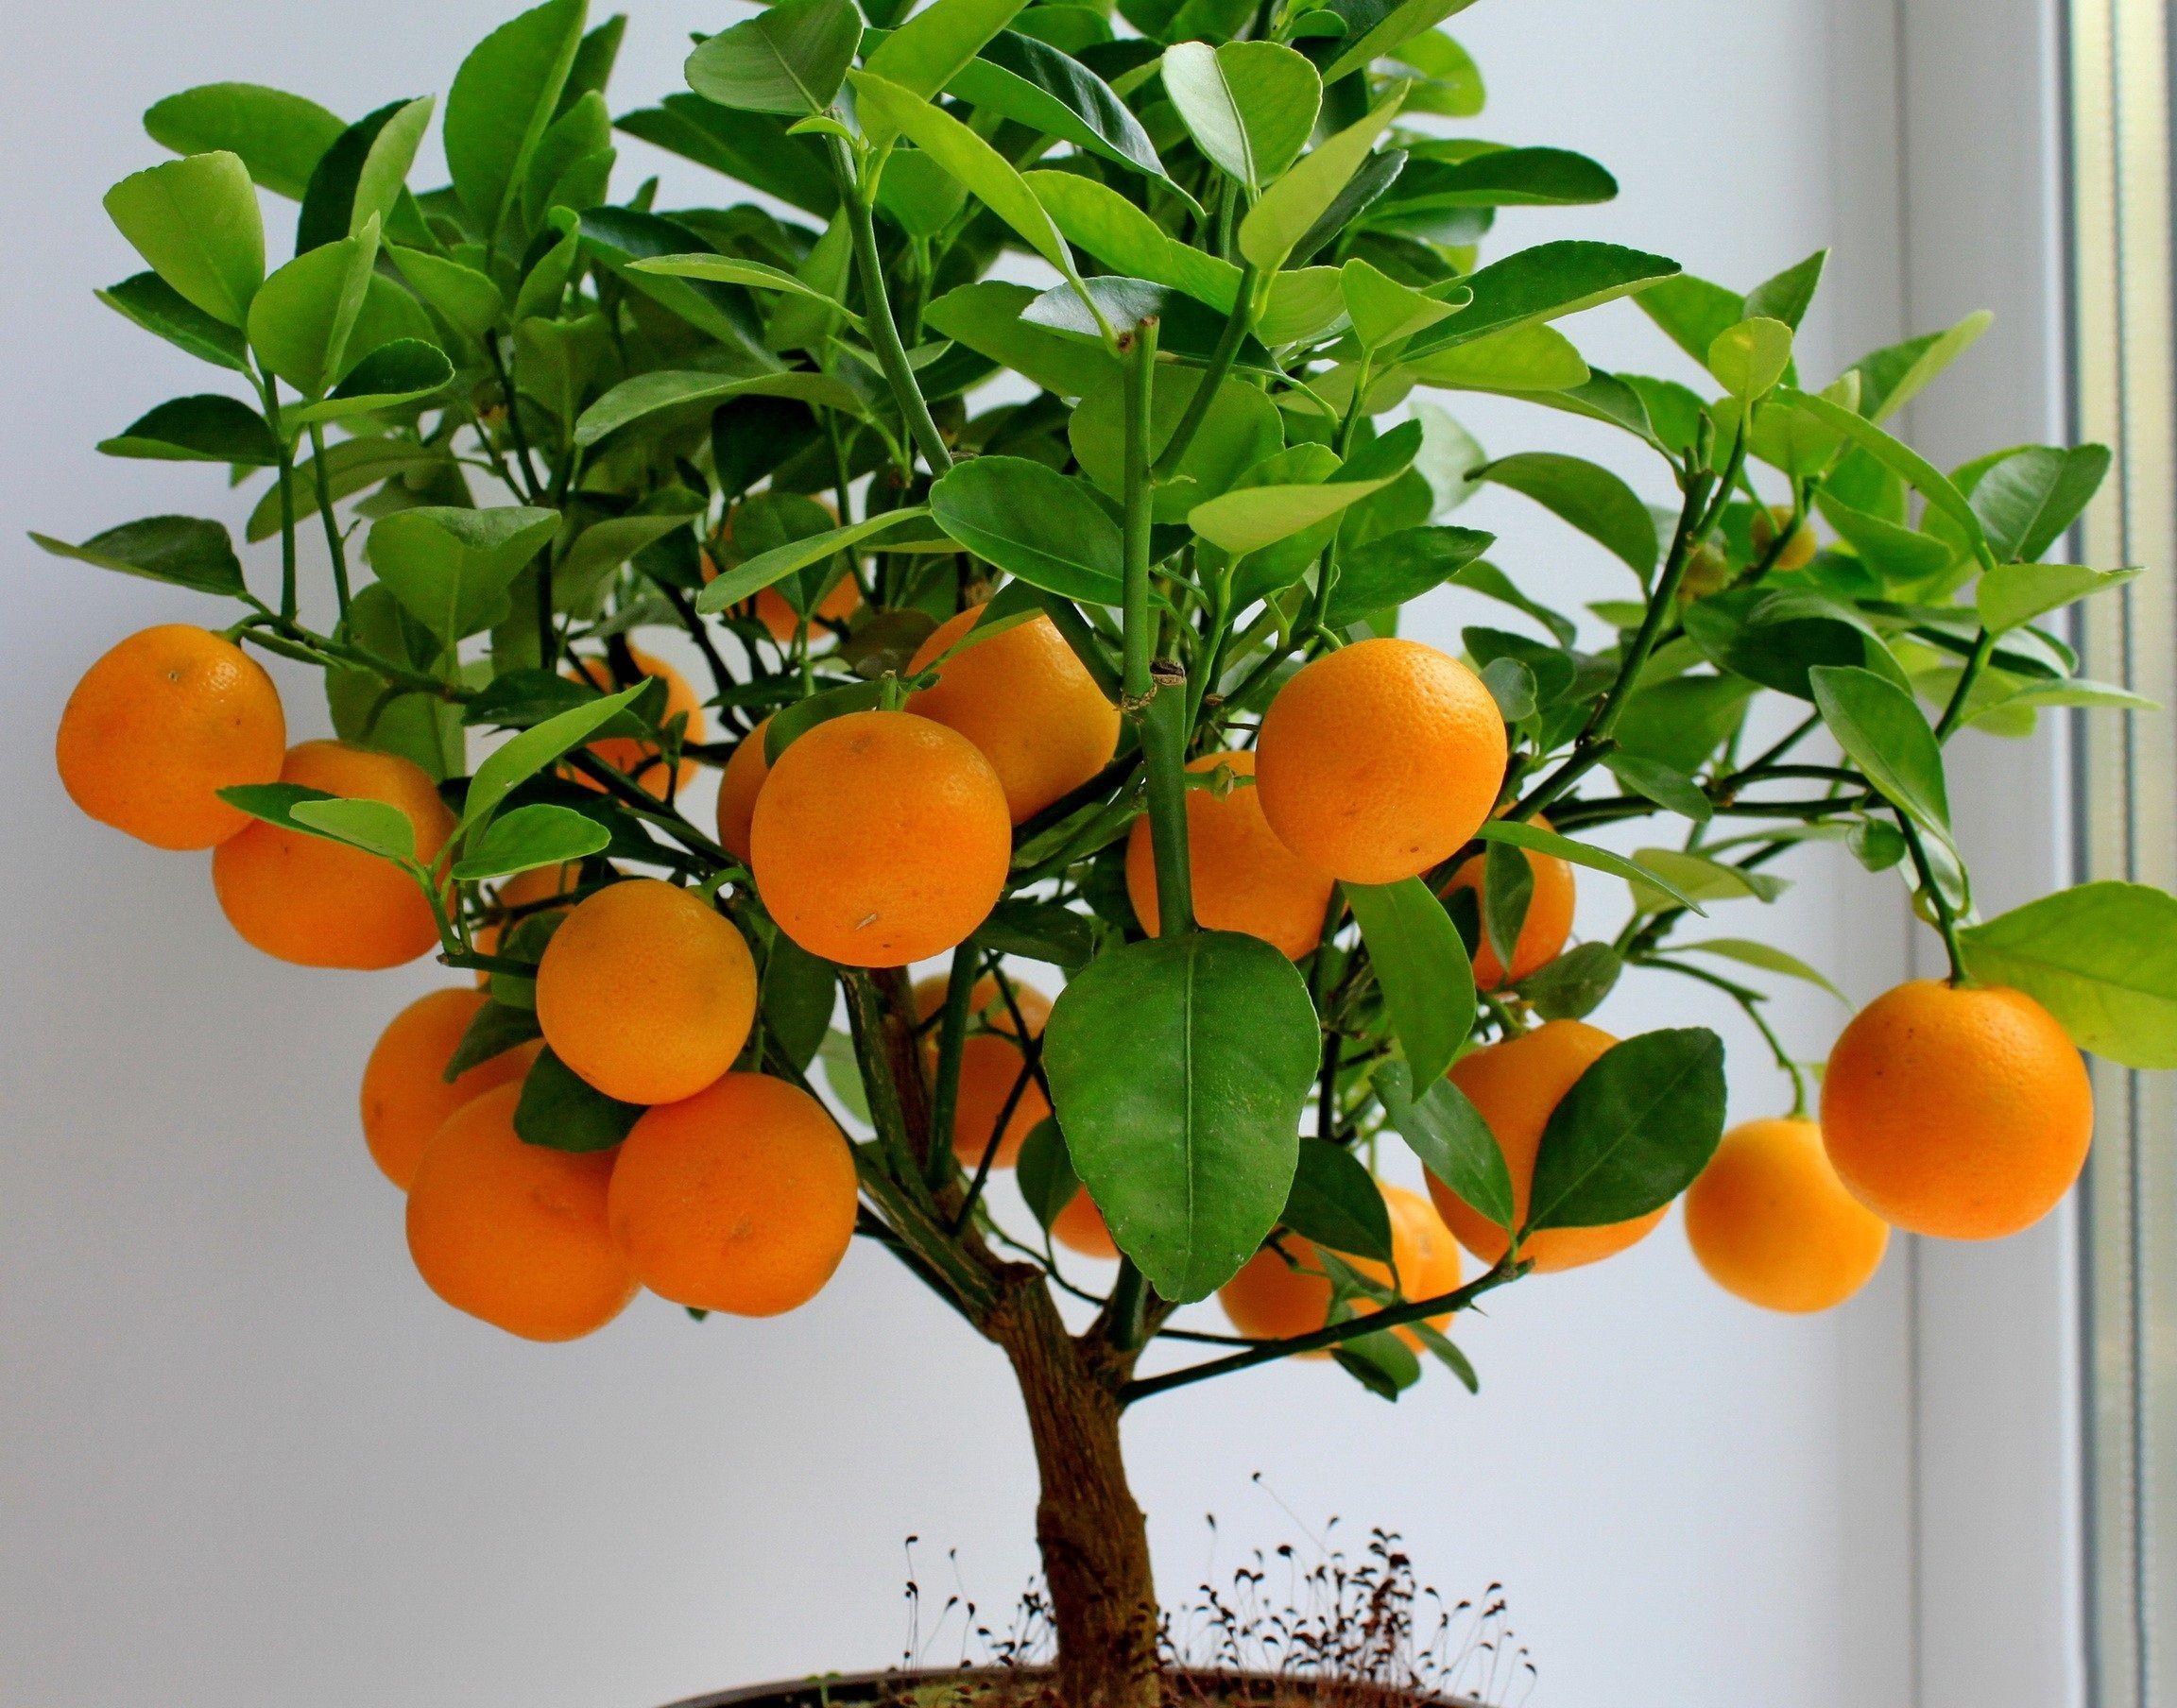 Купить апельсиновое дерево в Москве